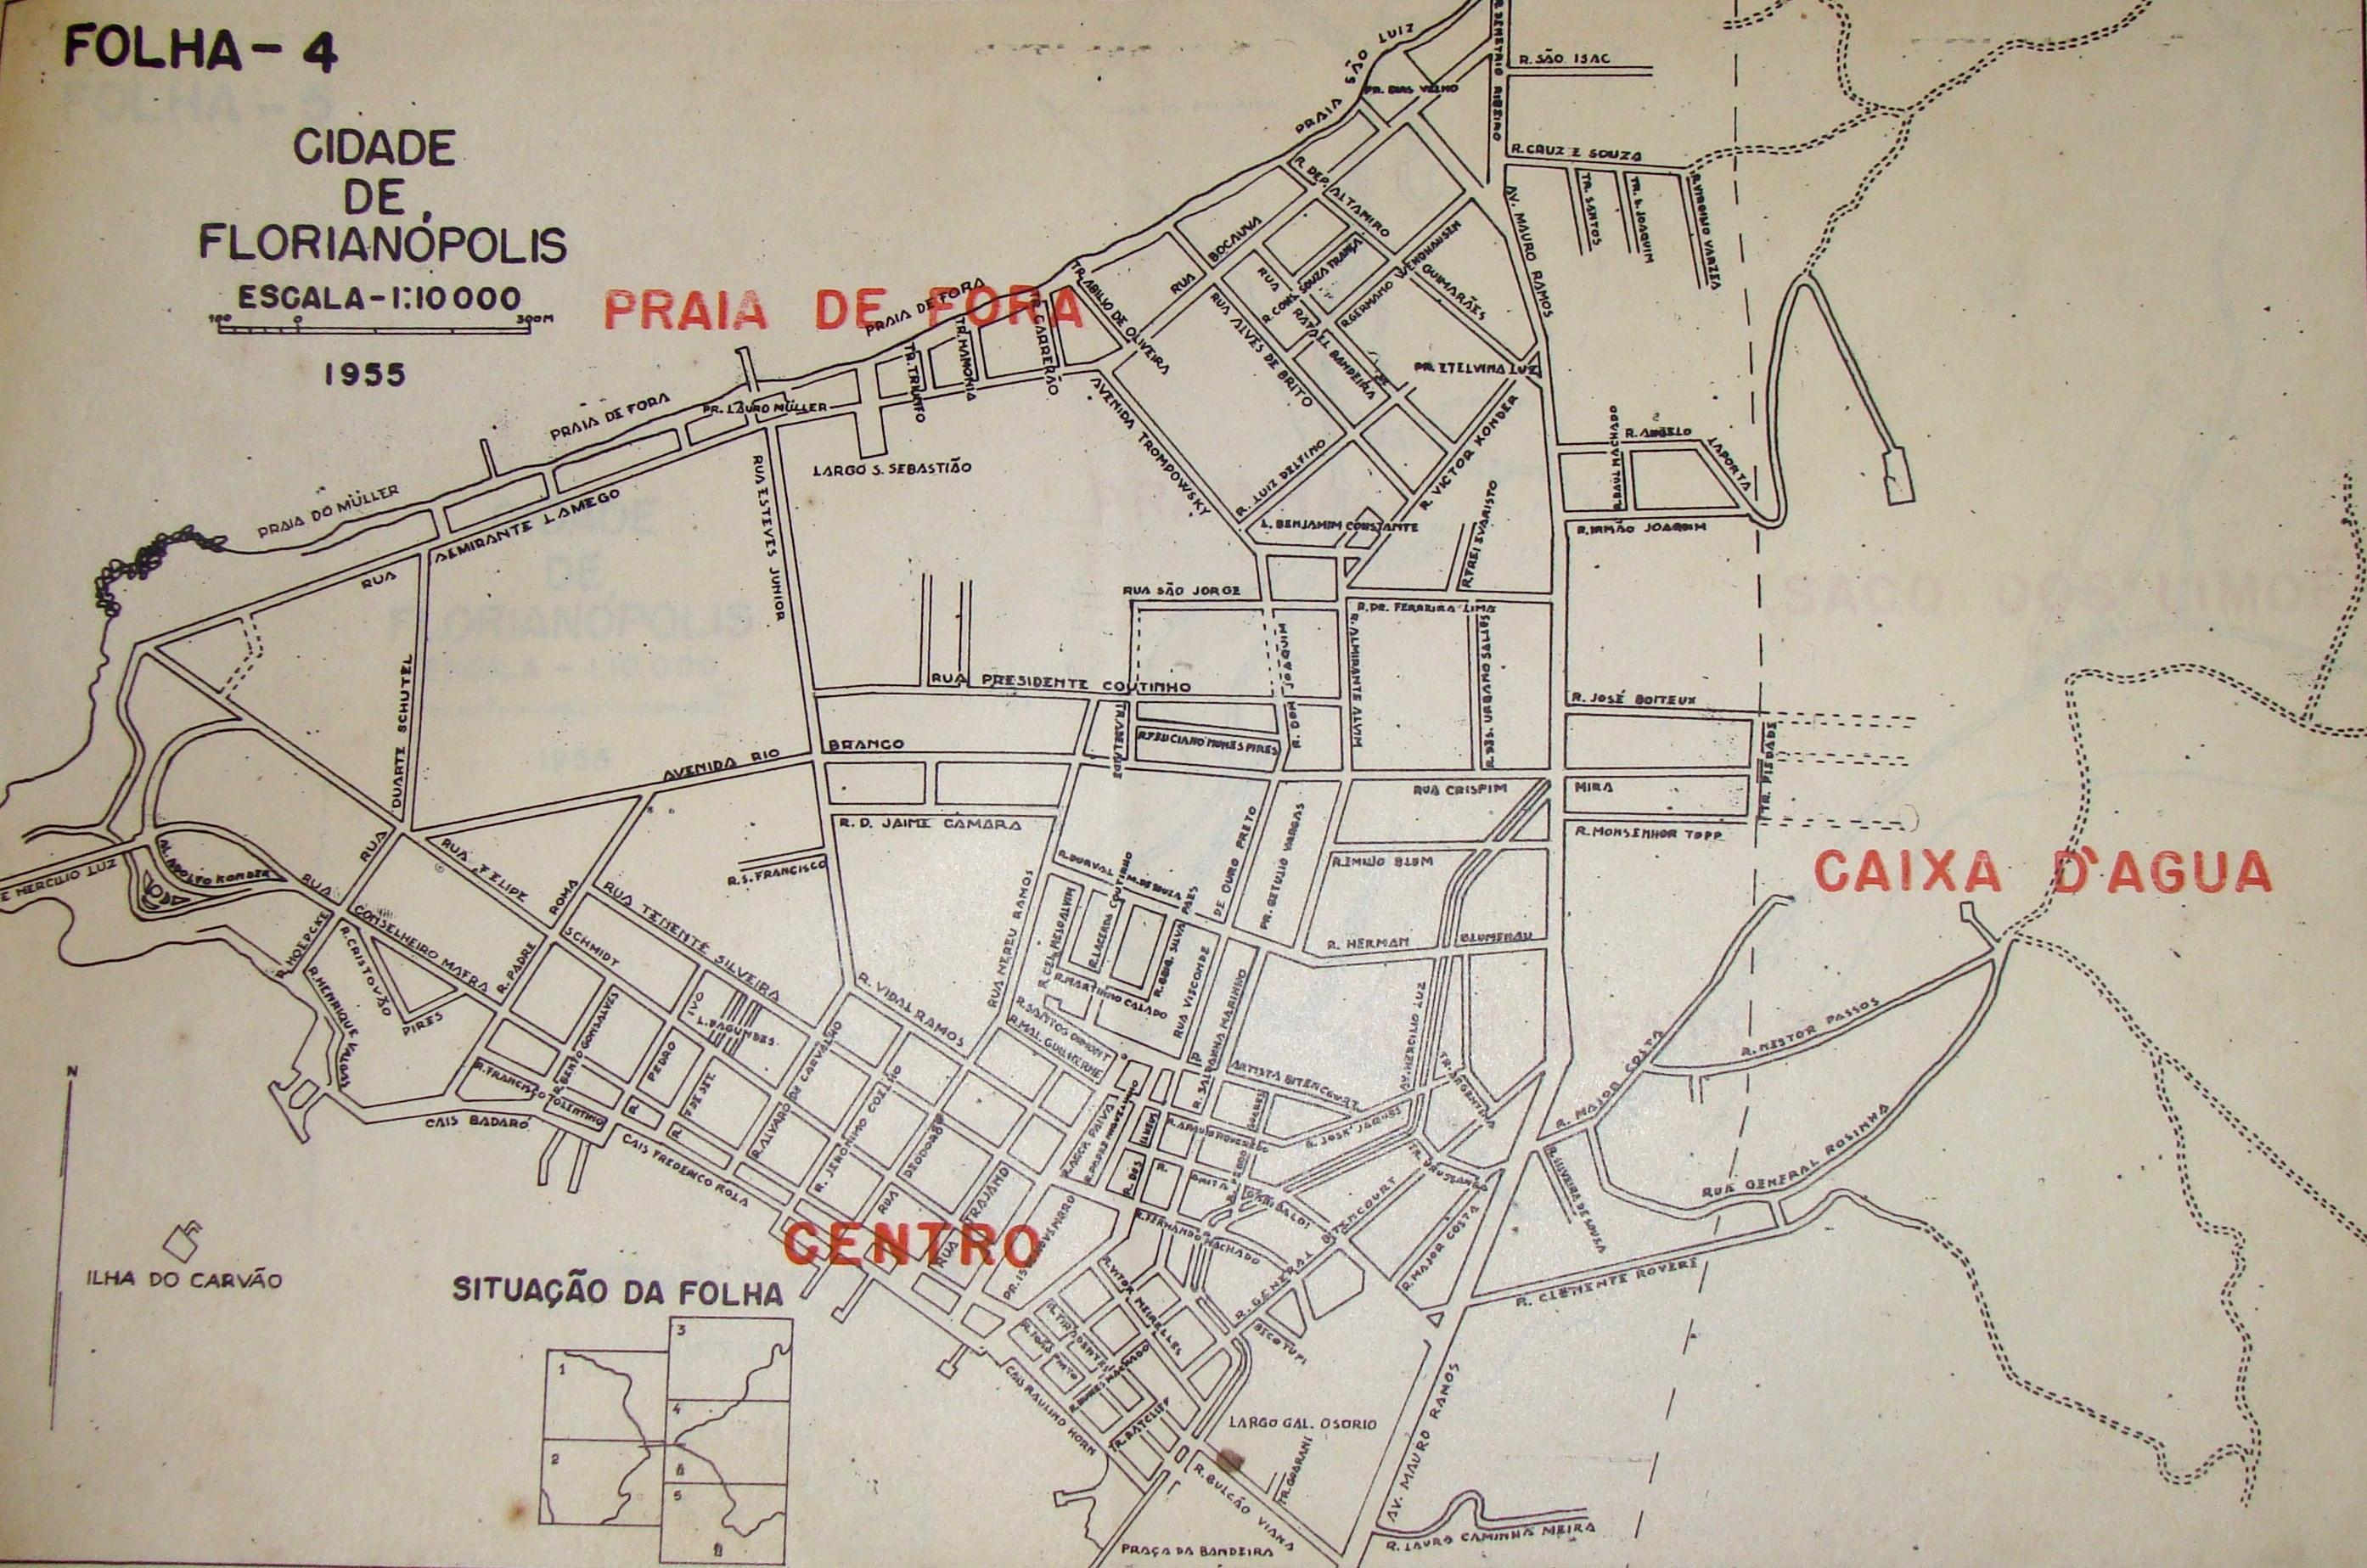 Mapas da Cidade de Florianópolis